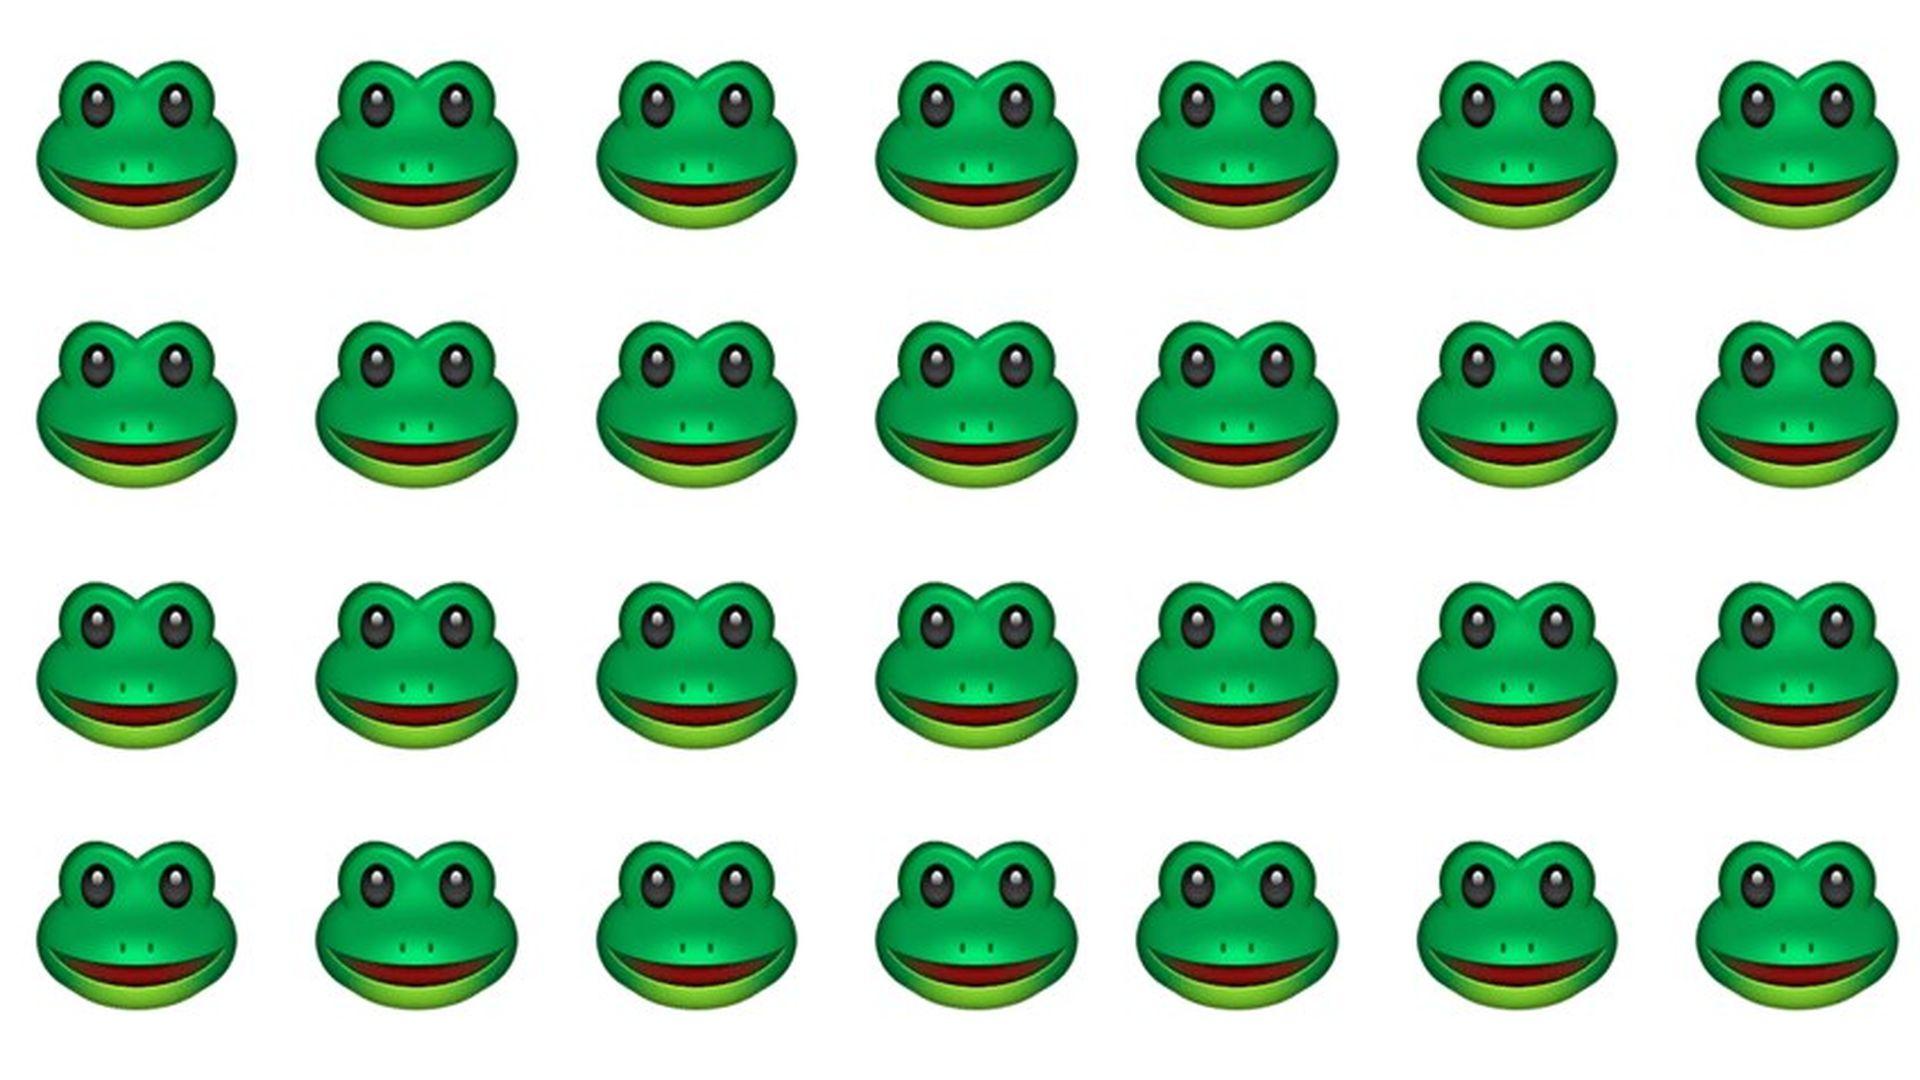 The Top Super Bowl Emoji Was An Alt Right Frog Symbol Axios